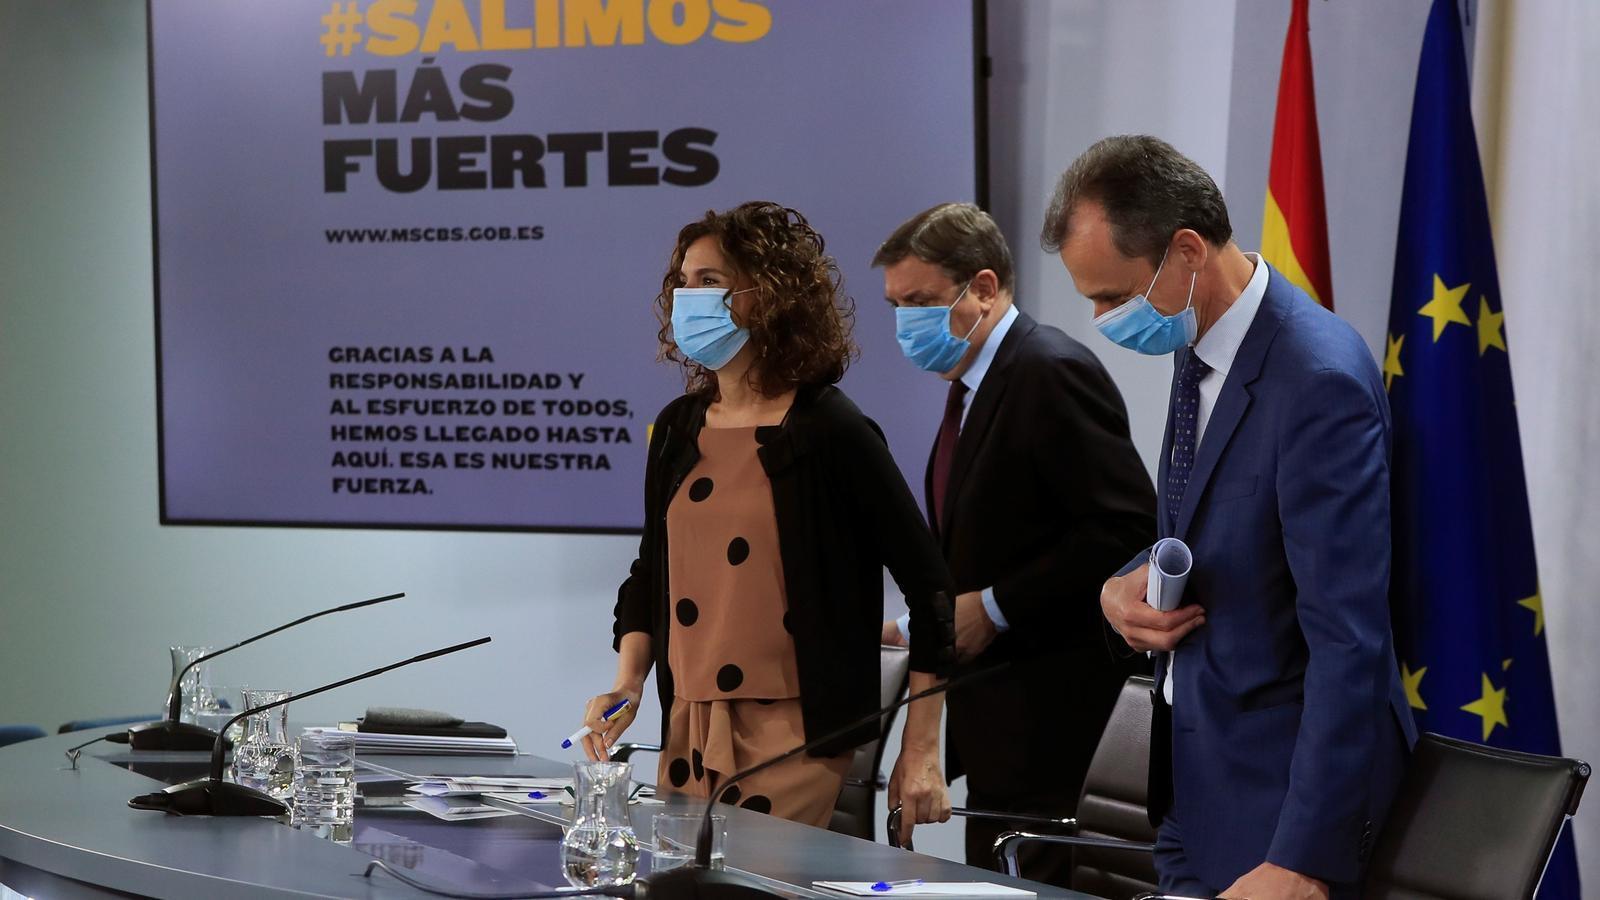 El ministre d'Agricultura, Luis Planas, la ministra portaveu i d'Hisenda, María Jesús Montero, i el ministre de Ciència, Pedro Duque, durant la roda de premsa posterior al consell de ministres.